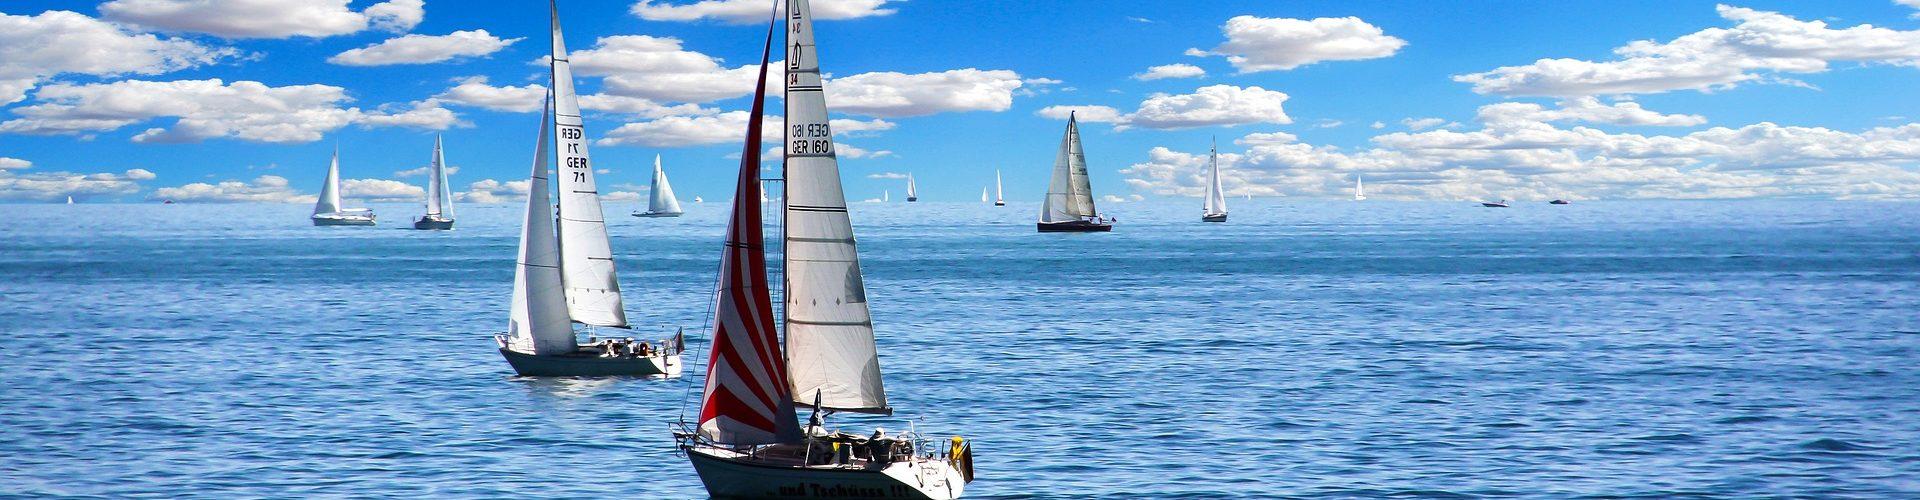 segeln lernen in Velbert segelschein machen in Velbert 1920x500 - Segeln lernen in Velbert